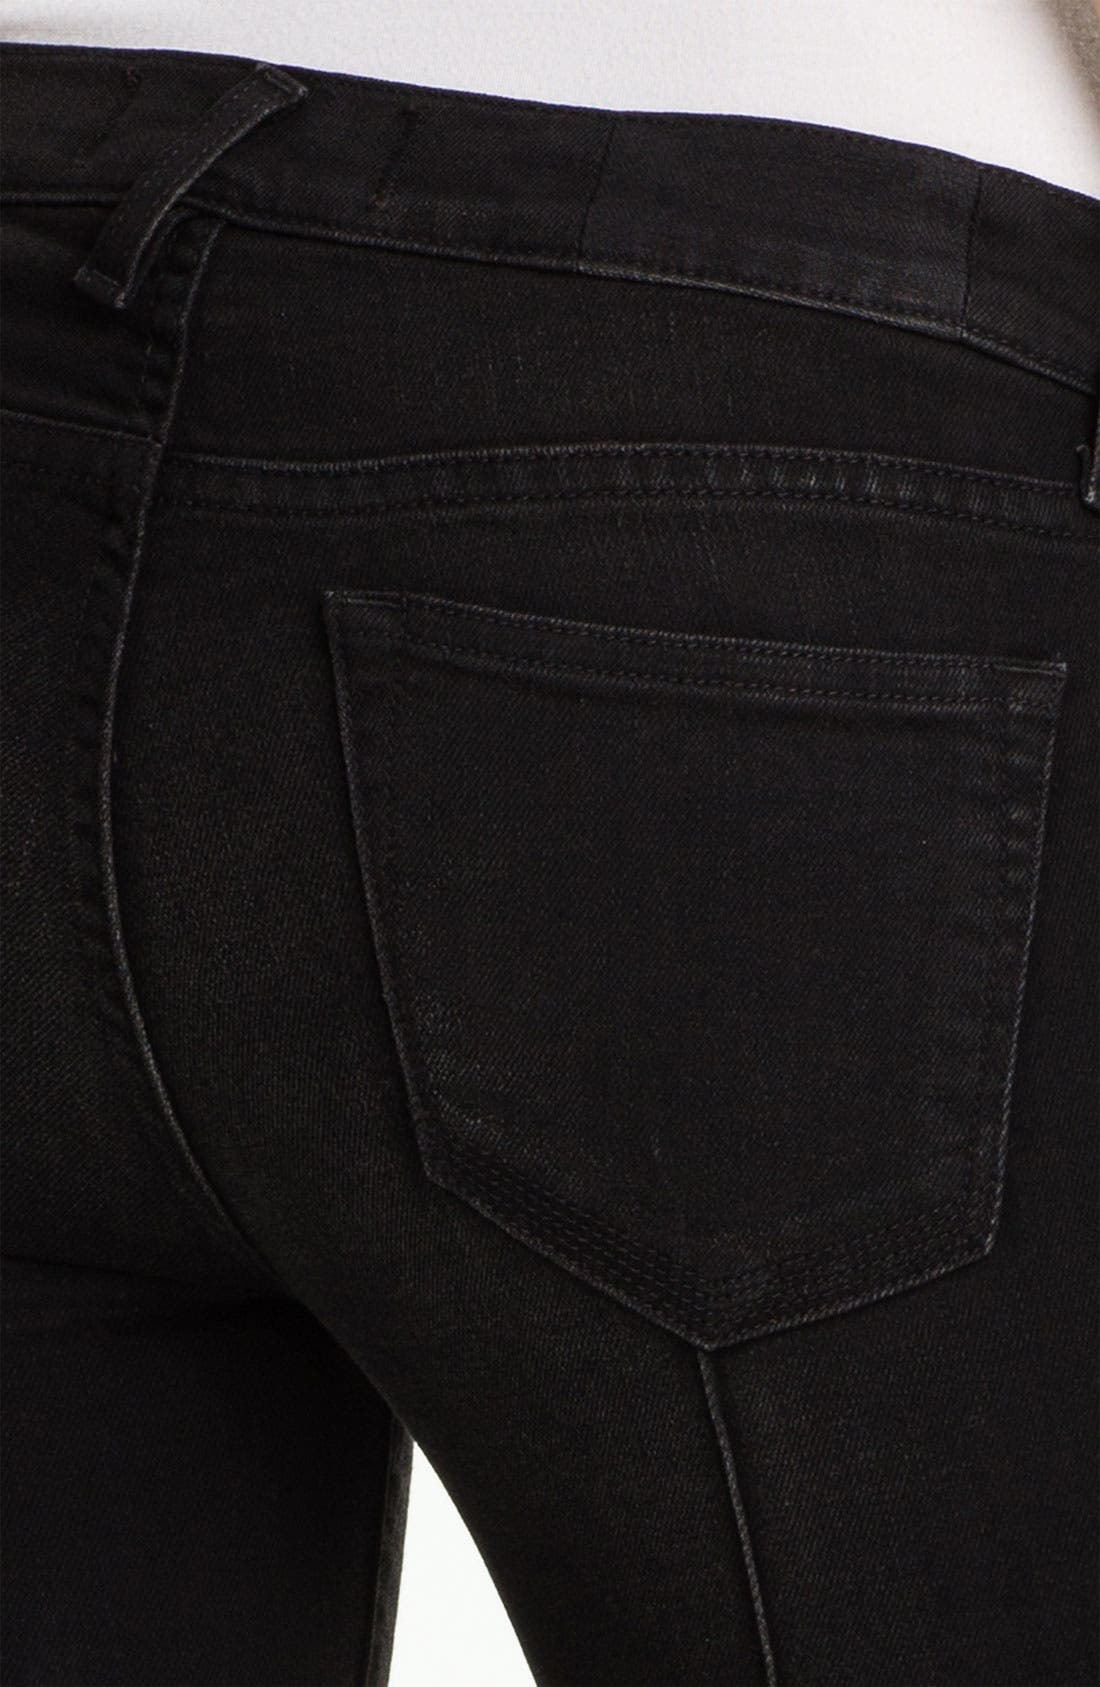 Alternate Image 3  - TEXTILE Elizabeth and James 'Benny' Skinny Jeans